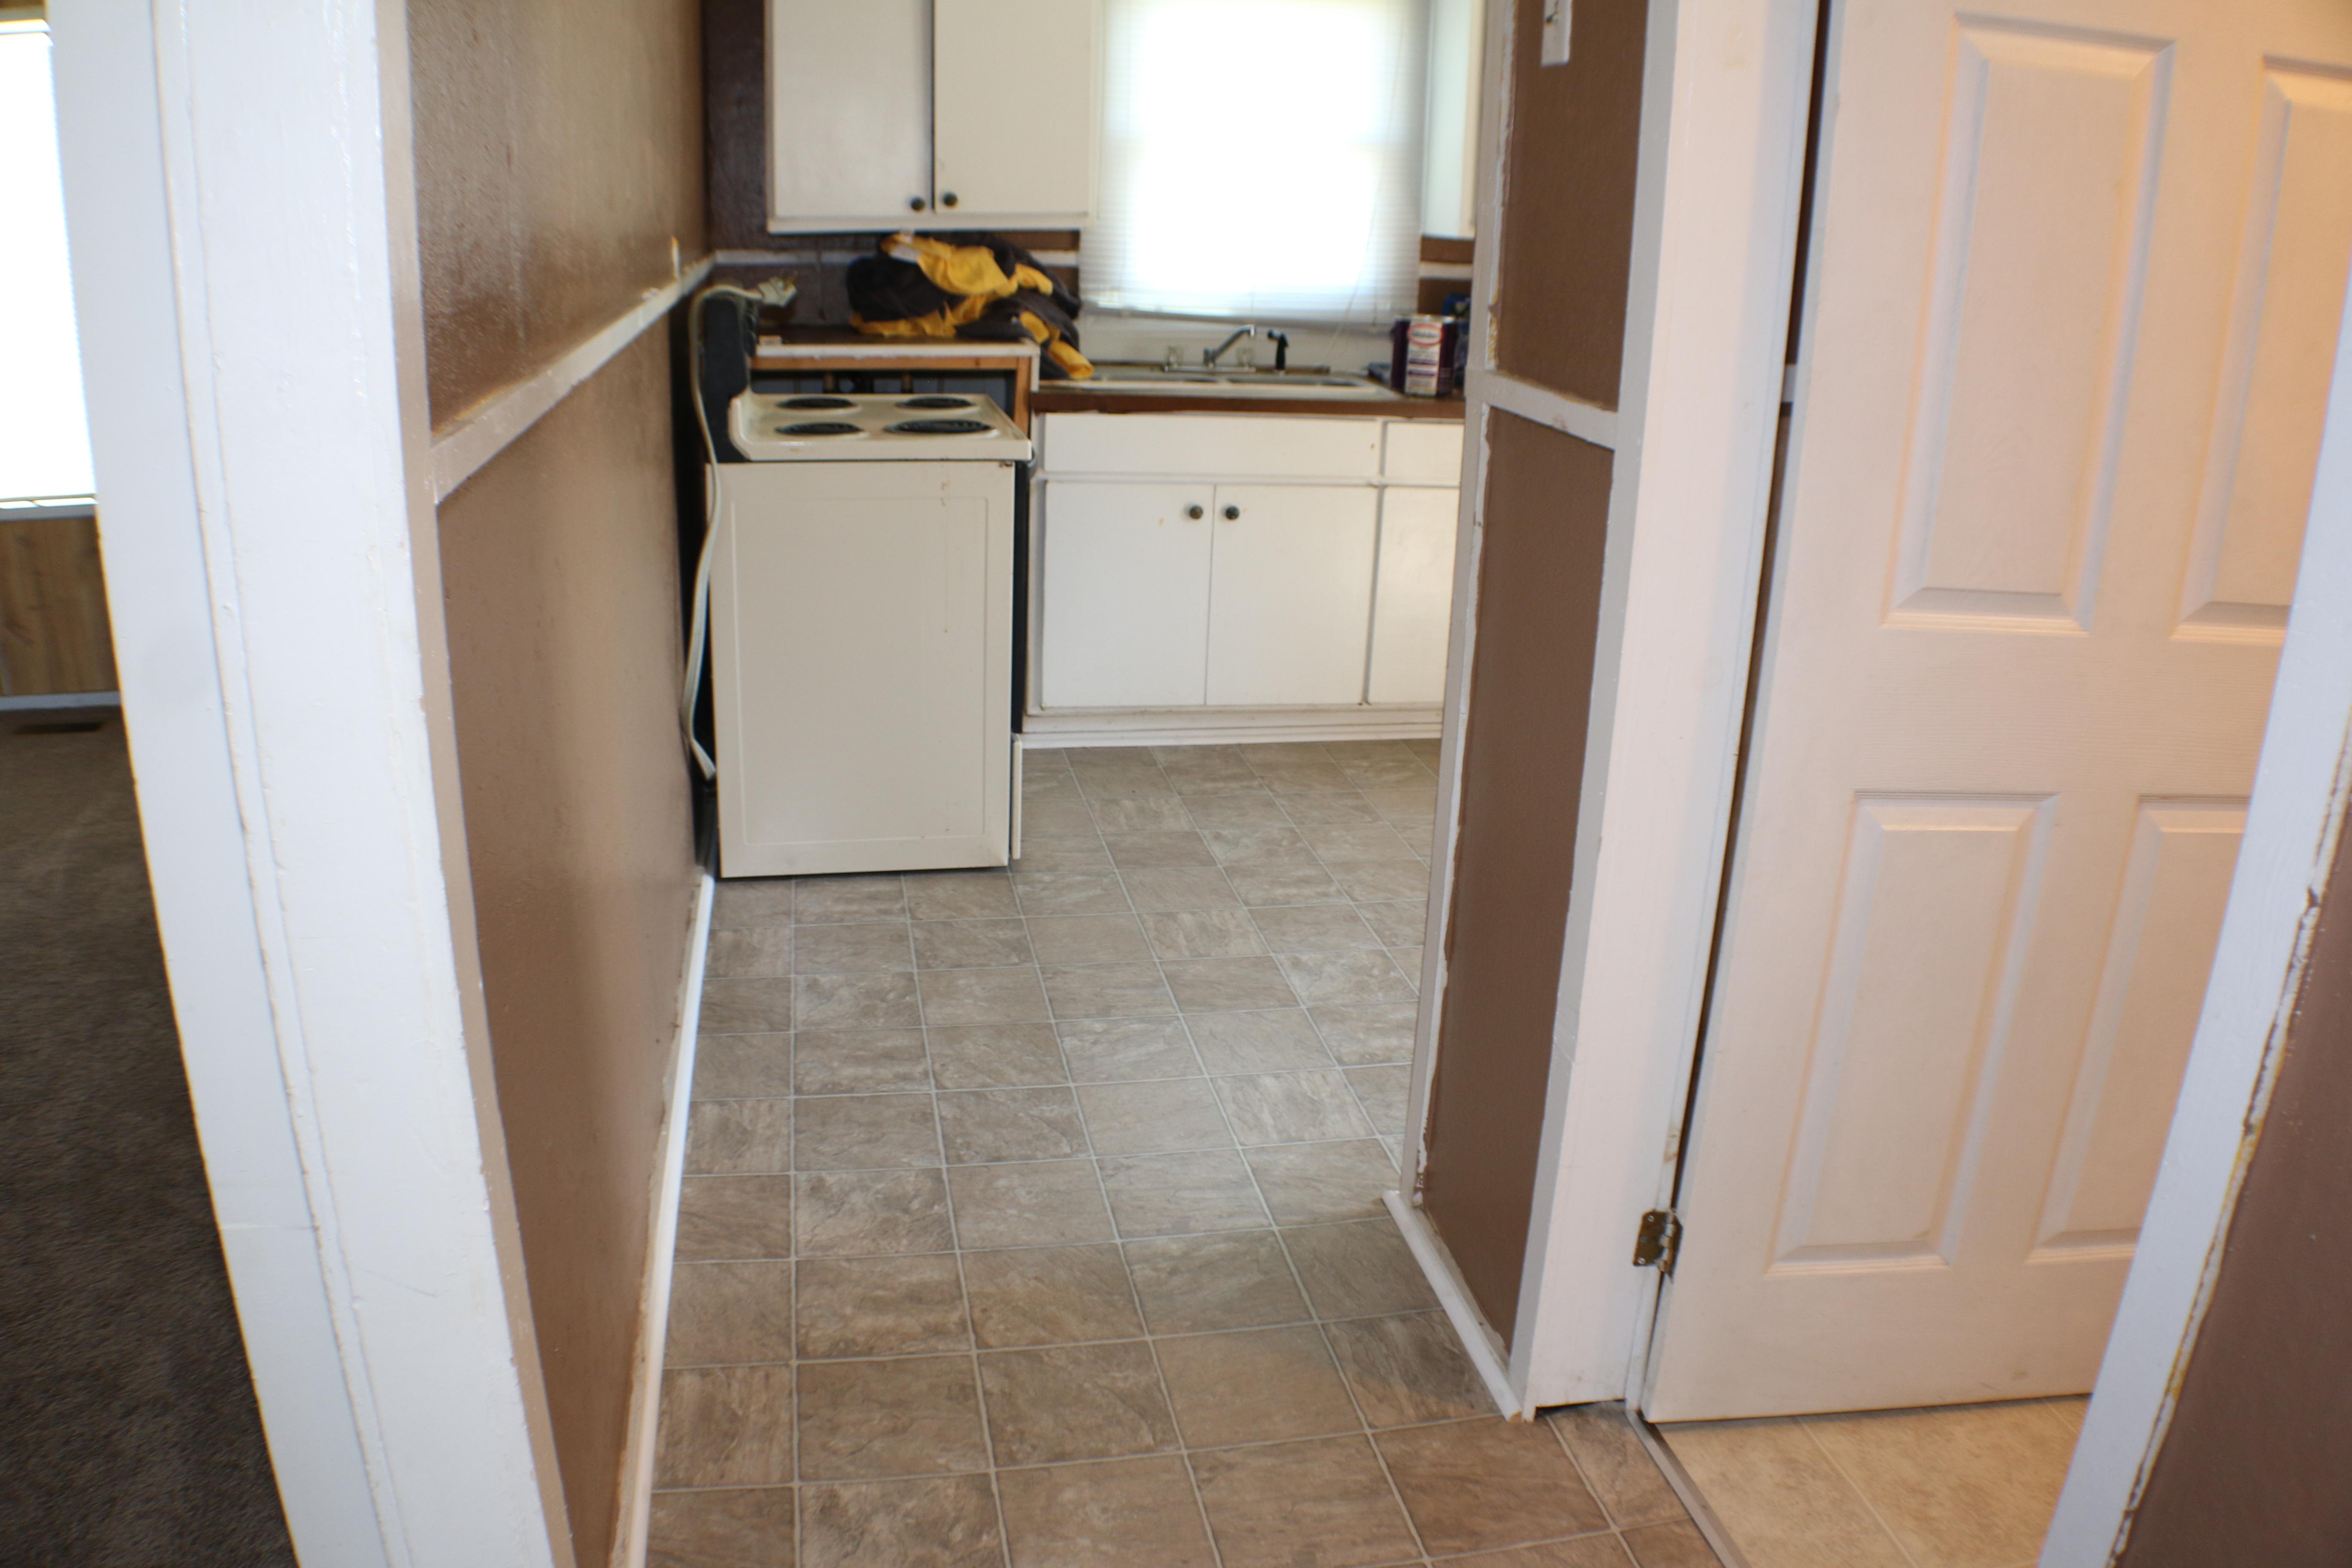 During Kitchen (Floor)